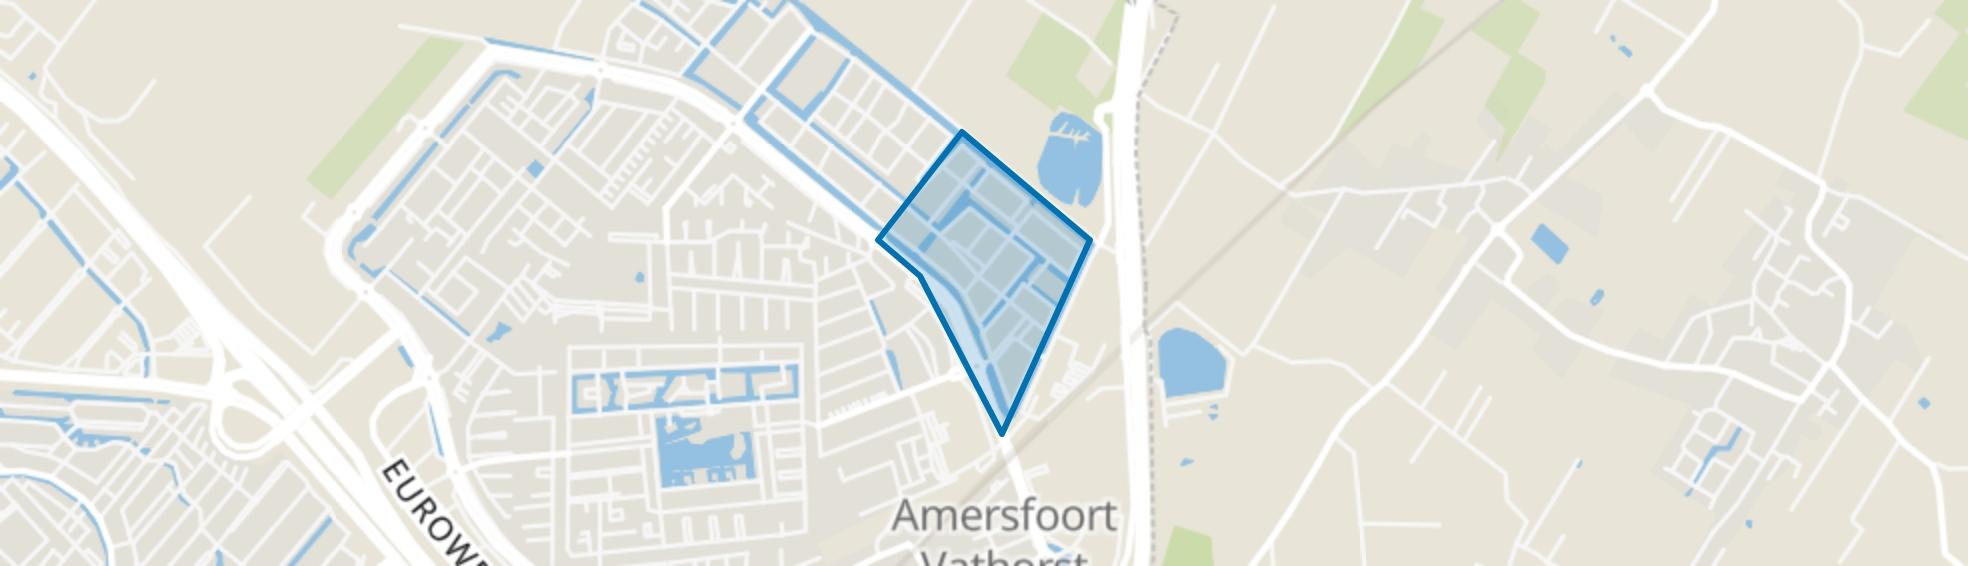 Hoornplantsoen, Amersfoort map